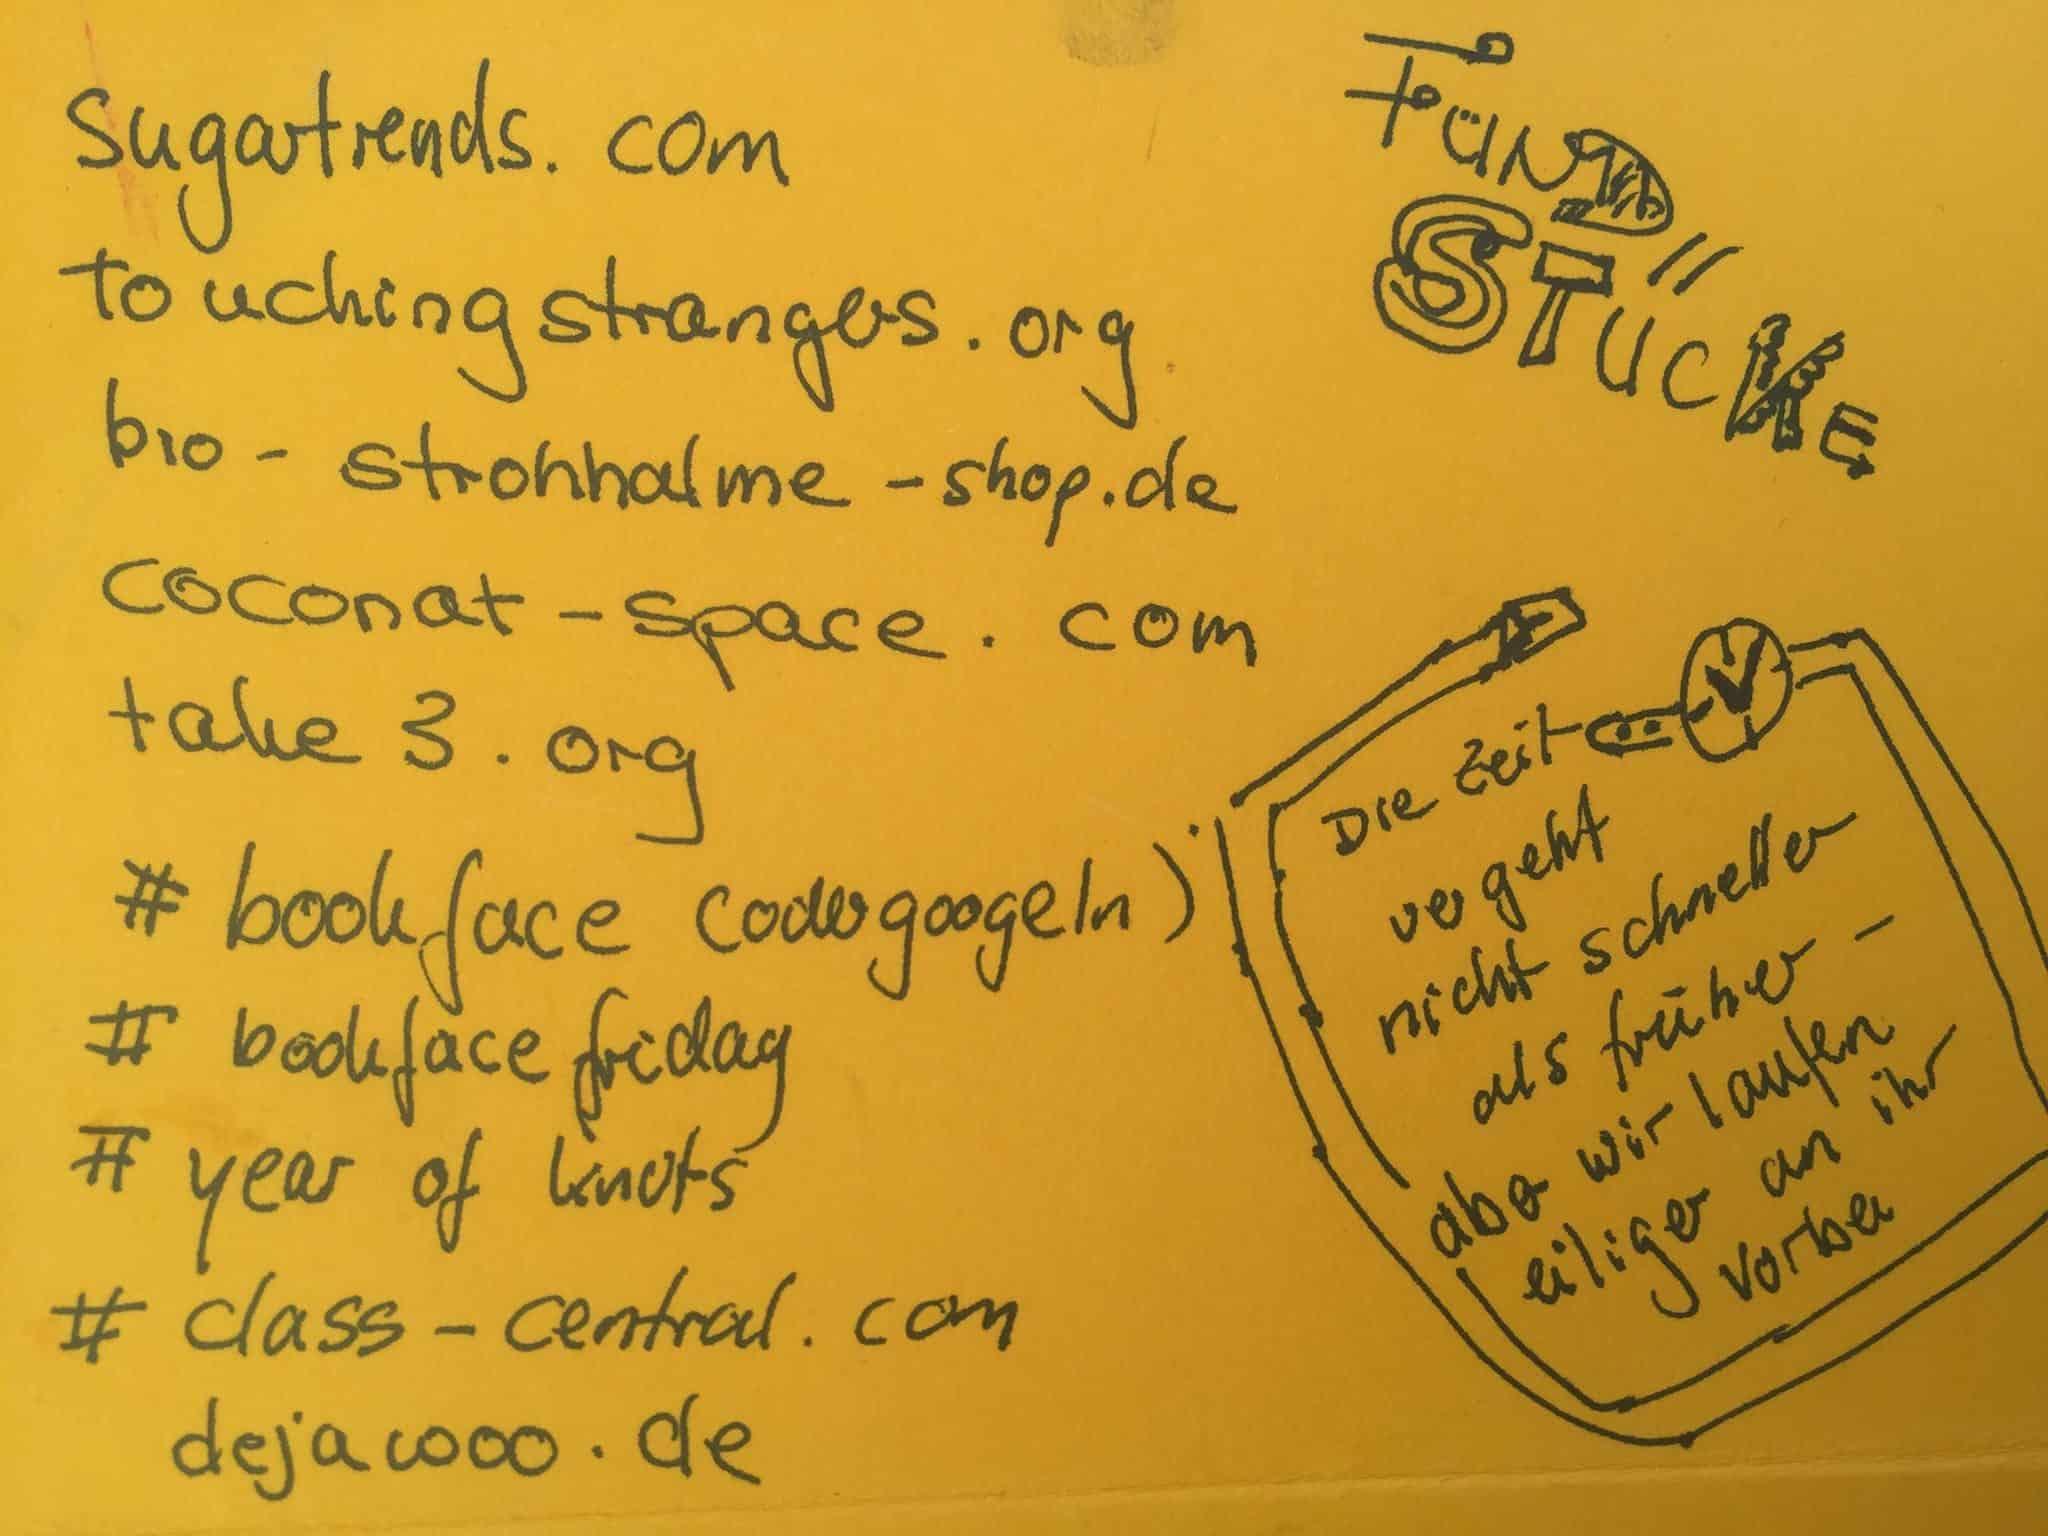 Fundstücke - Inspiration für eine Freundin, die es liebt, echte Post zu bekommen.Von Kerstin Hack